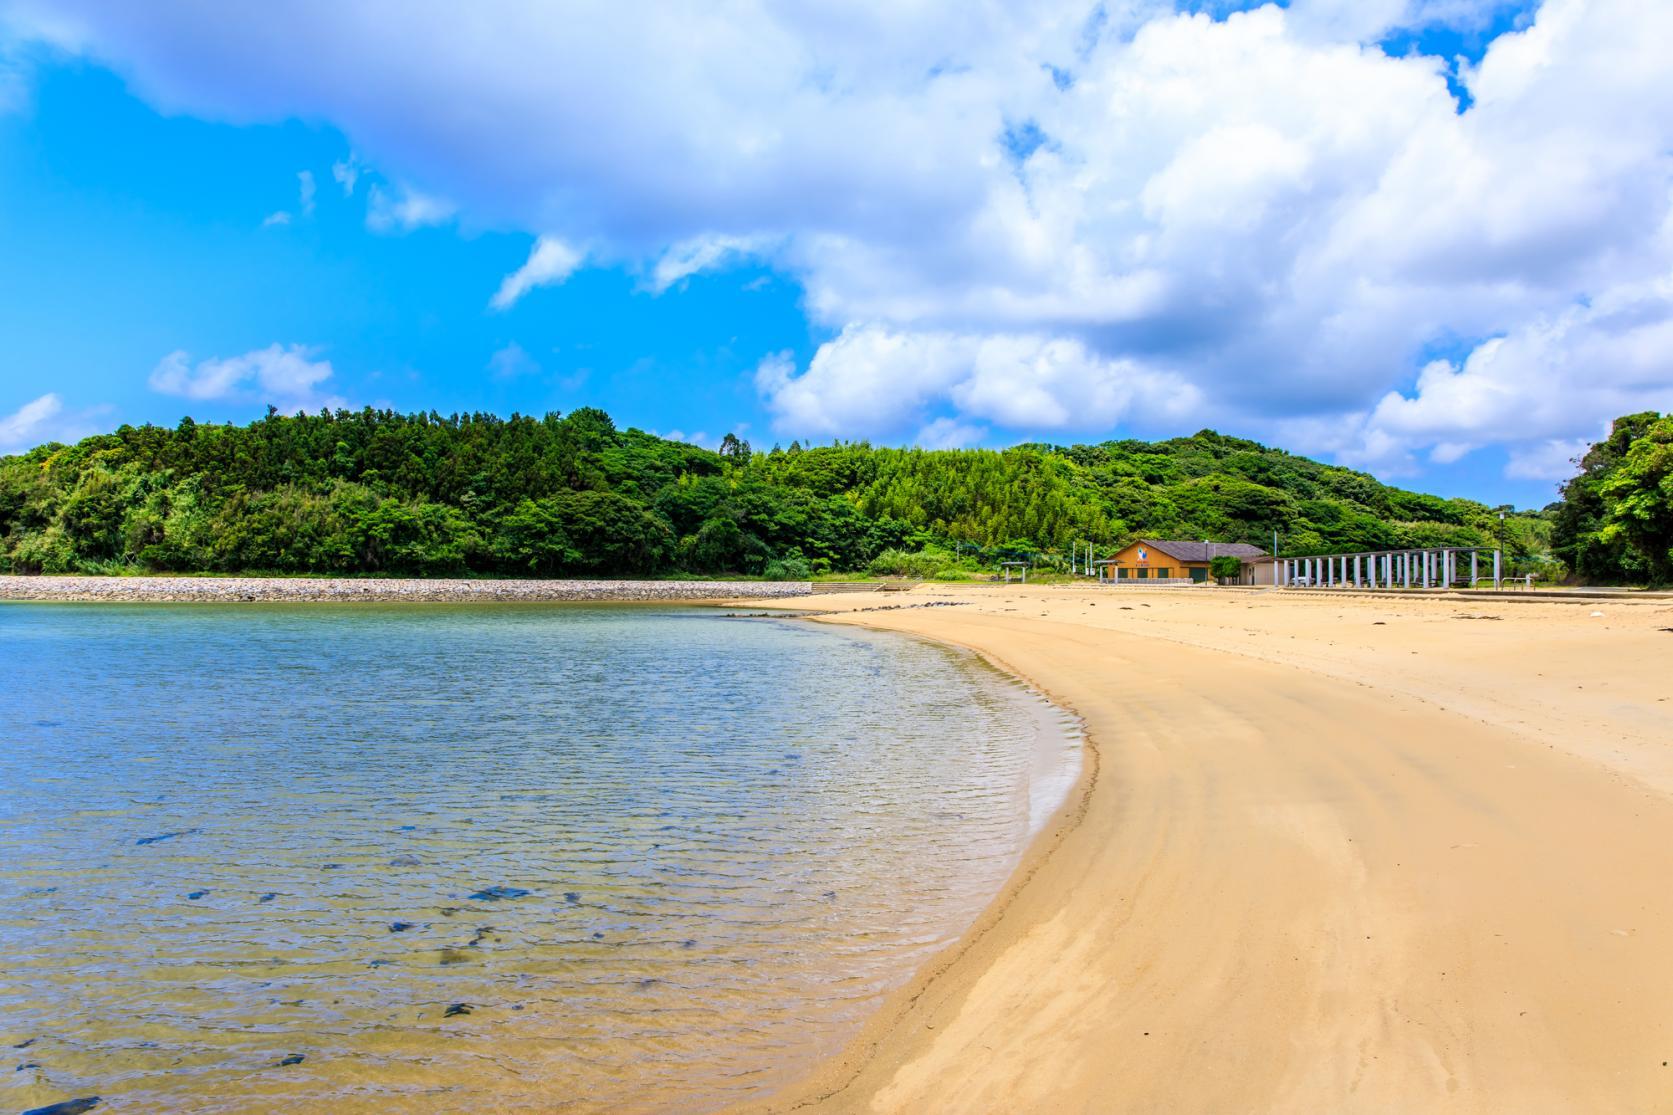 まるで玄界灘の宝石箱!広大な絶景ビーチでゆったり海水浴を-7